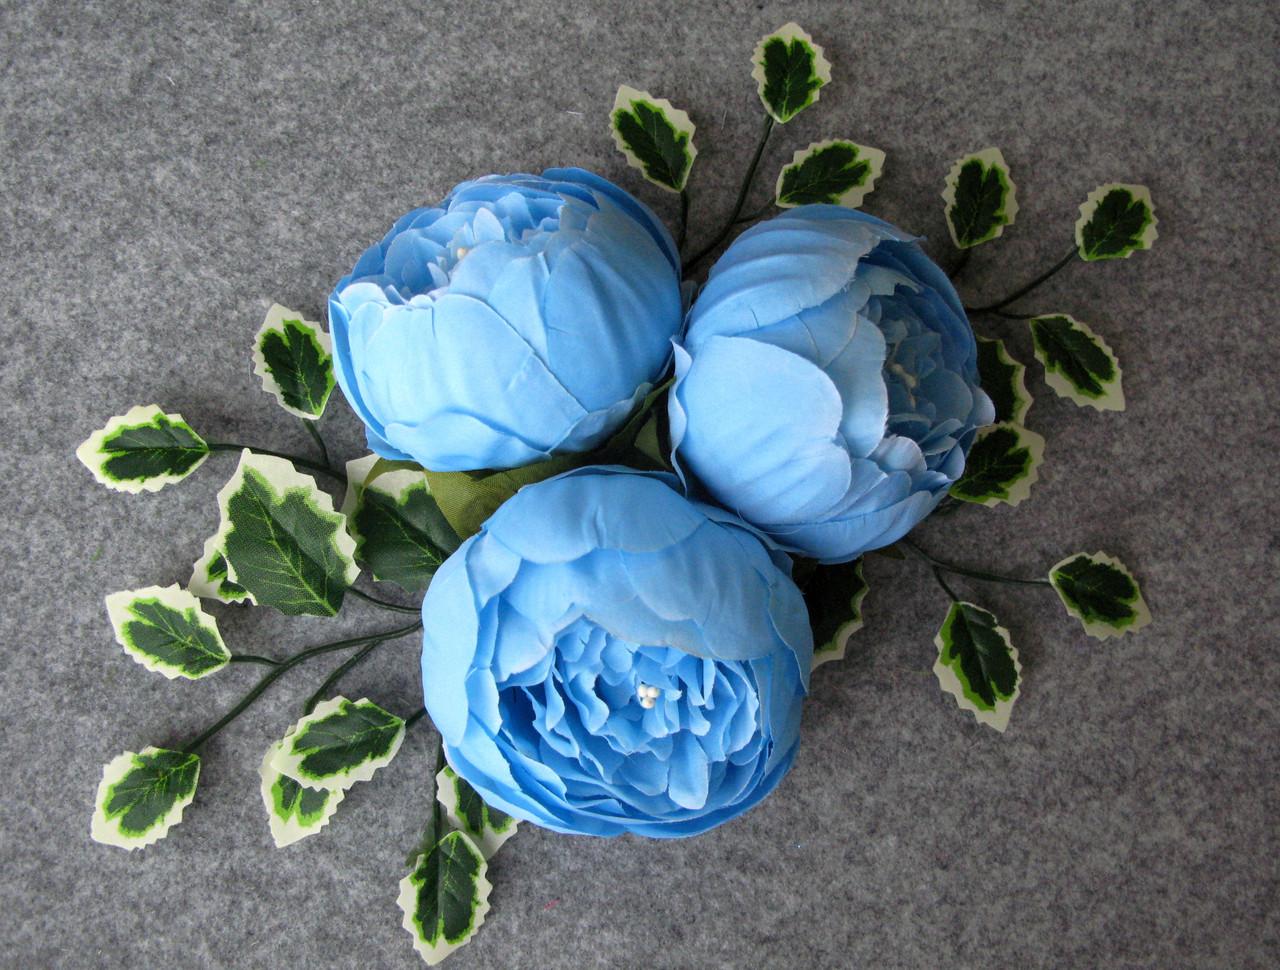 Пион искусственный h - 5 см d- 8 см цвет голубой (головка без листьев) - 19.75 грн